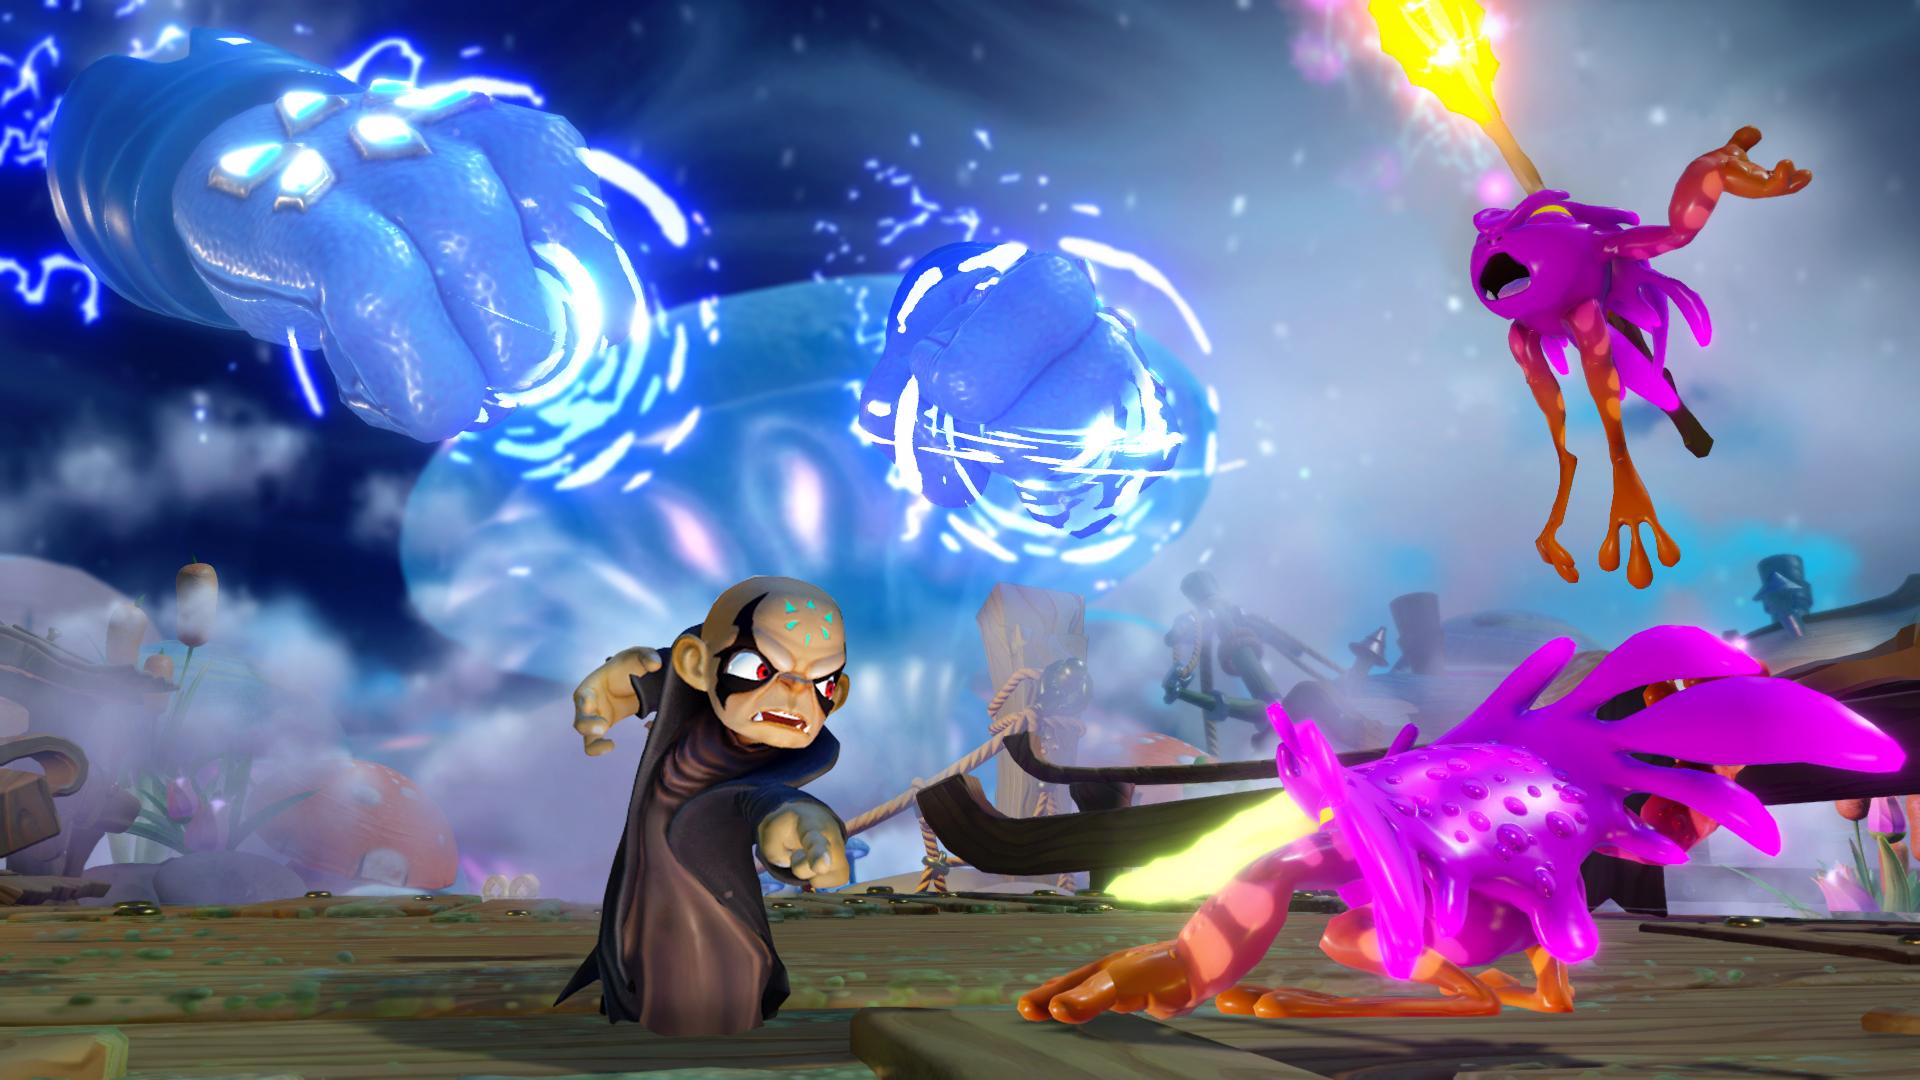 Skylanders Imaginators Kaos 1 Brutal Gamer